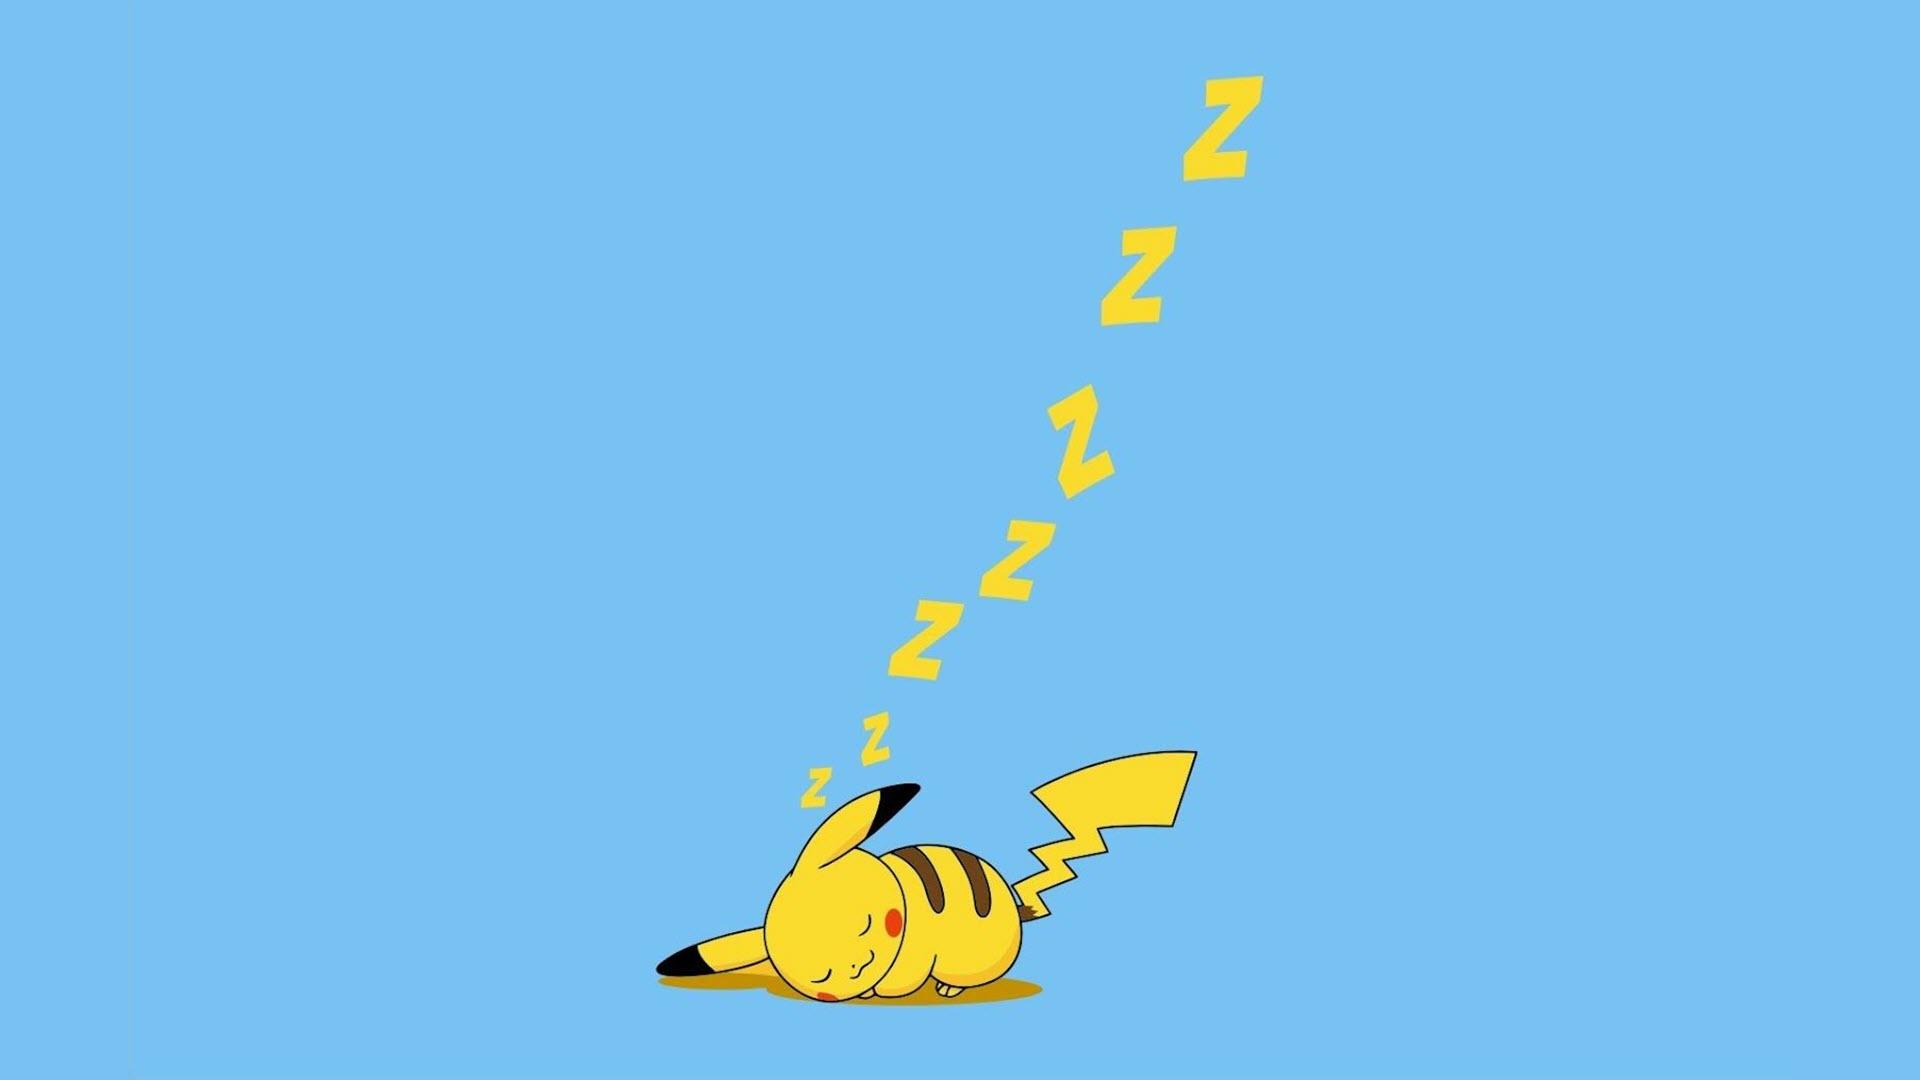 Sleeping Pikachu Wallpapers